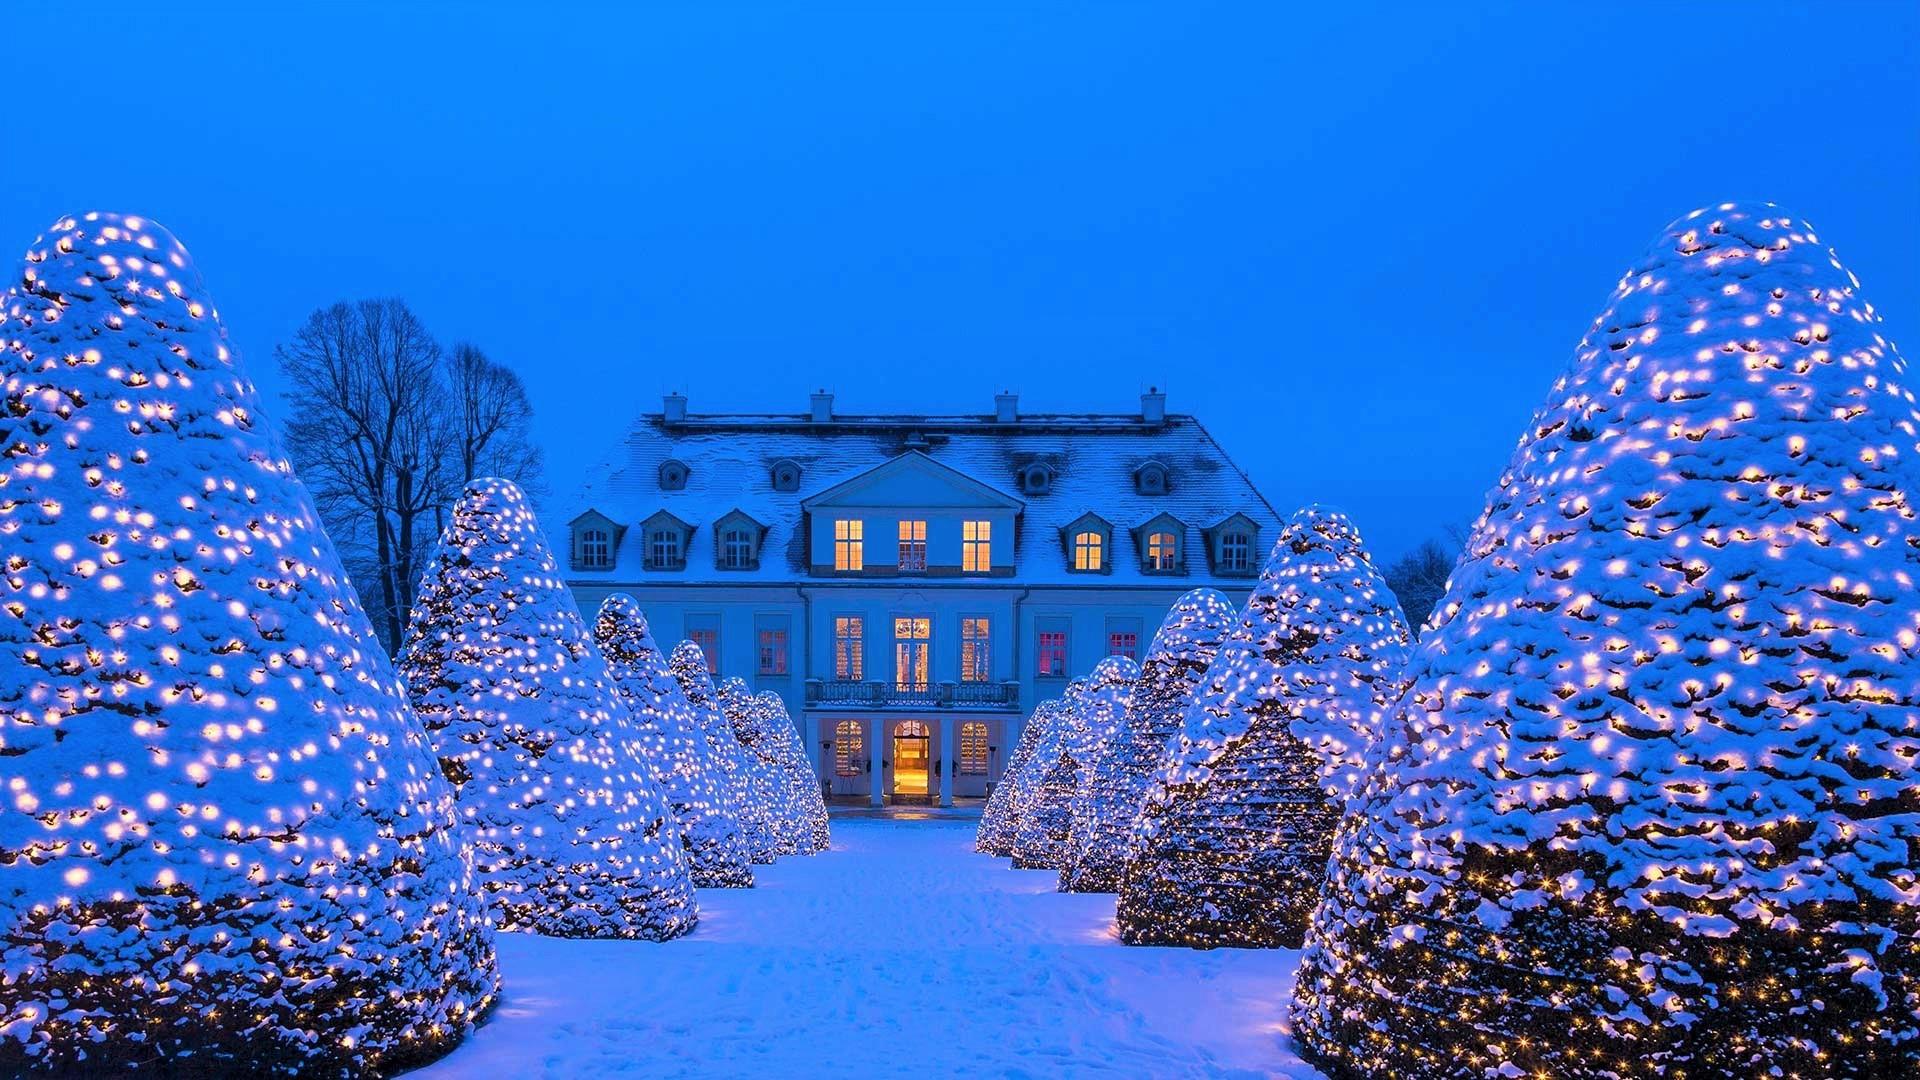 Christmas Tree Germany Light Palace Snow White 1920x1080